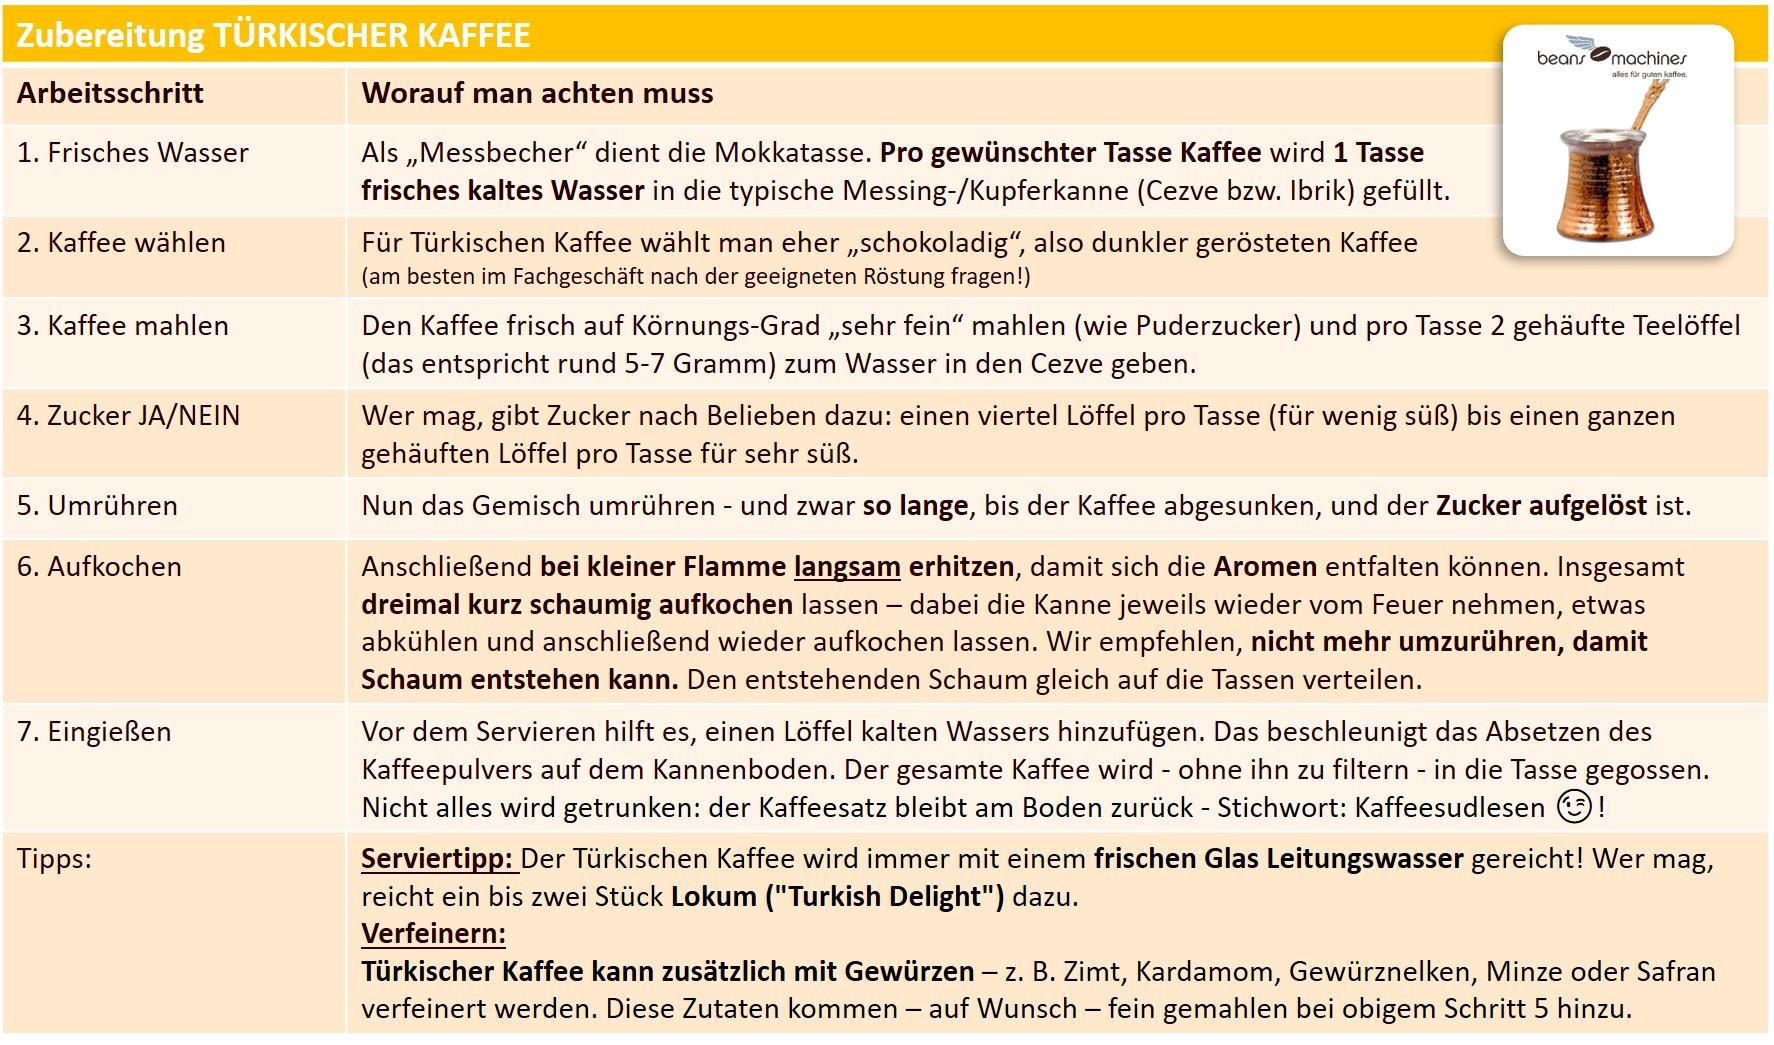 Zubereitungsformel Türkischer Kaffee_Schönbergers.jpg